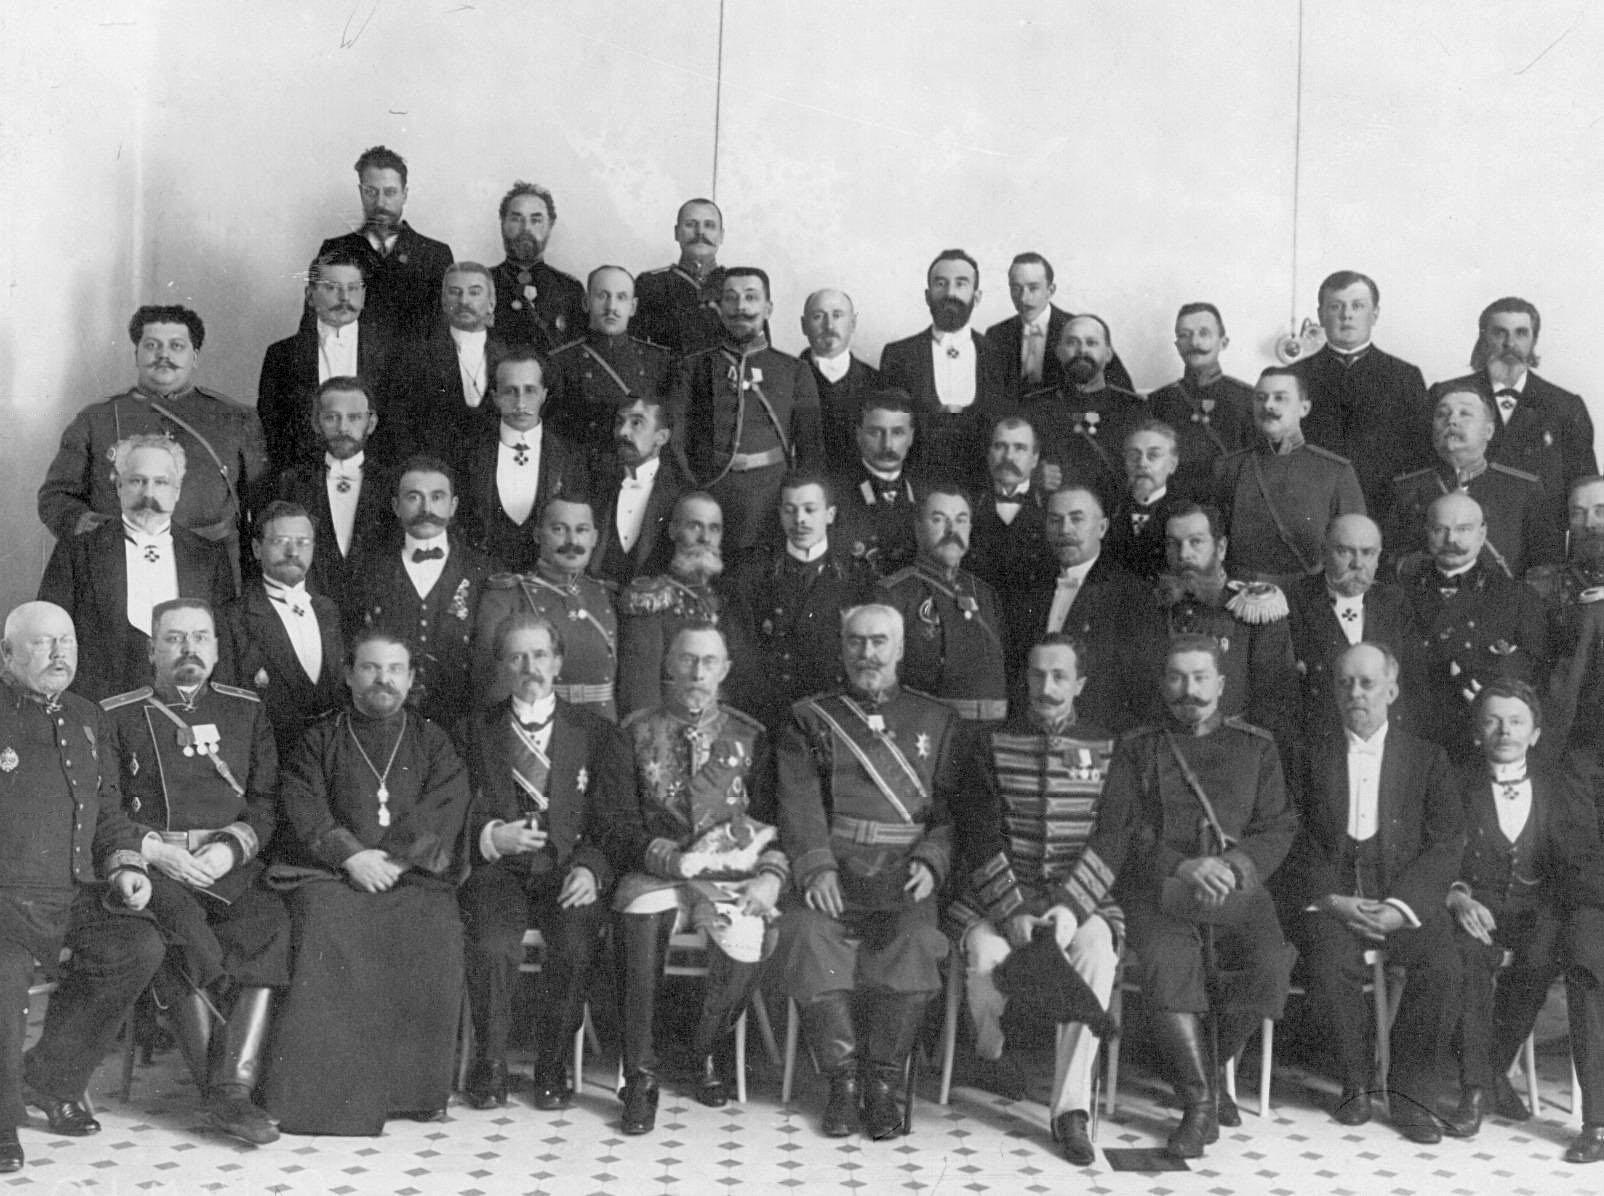 1906 Группа сотрудников Крестов с генералами и чиновниками Министерства внутренних дел.